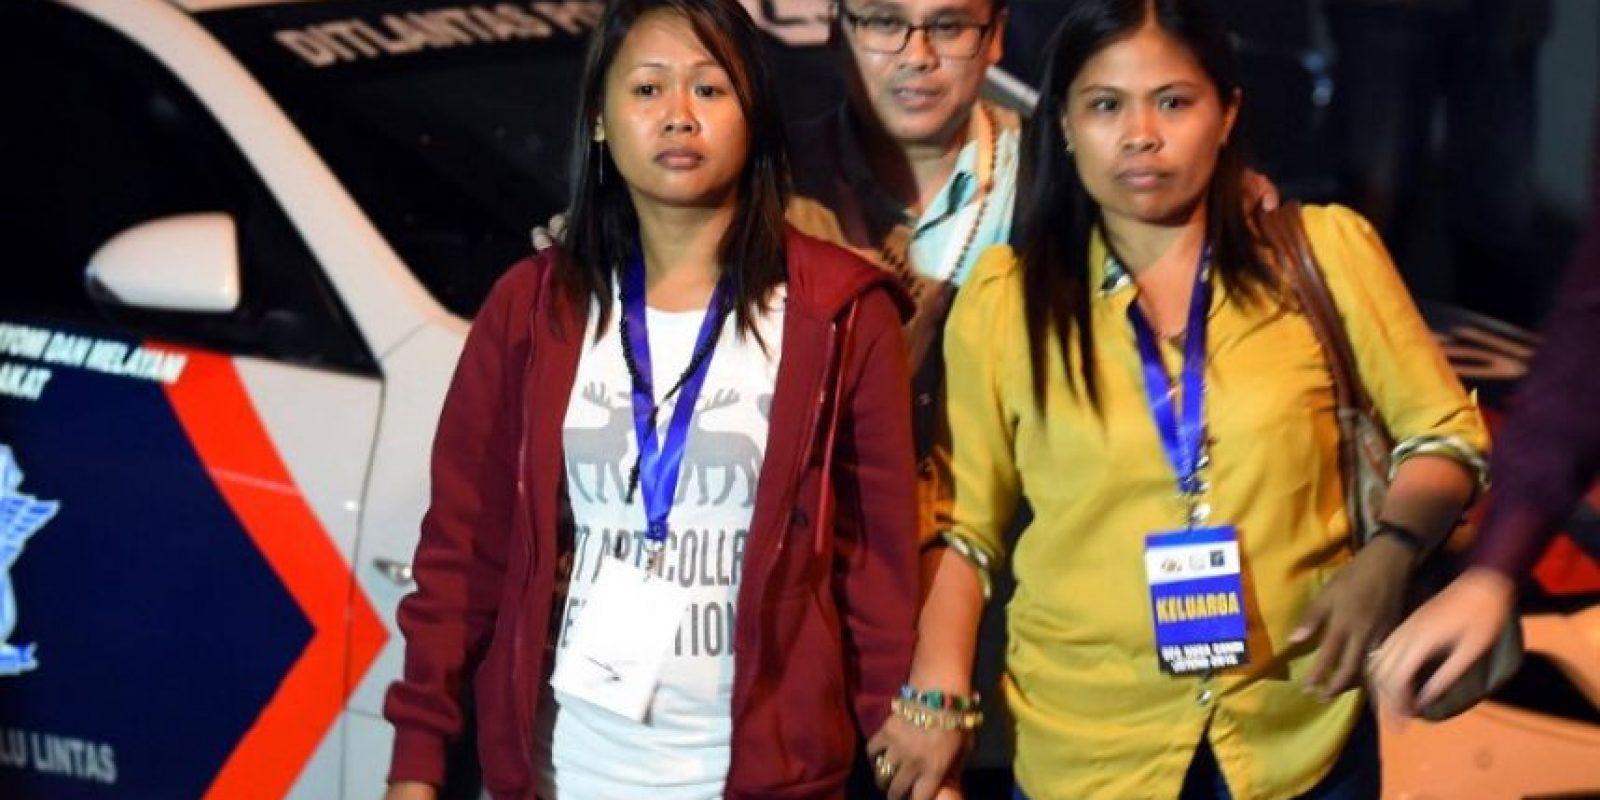 De acuerdo al pastor que estuvo en sus últimos momentos, cantaron canciones religiosas Foto:AFP